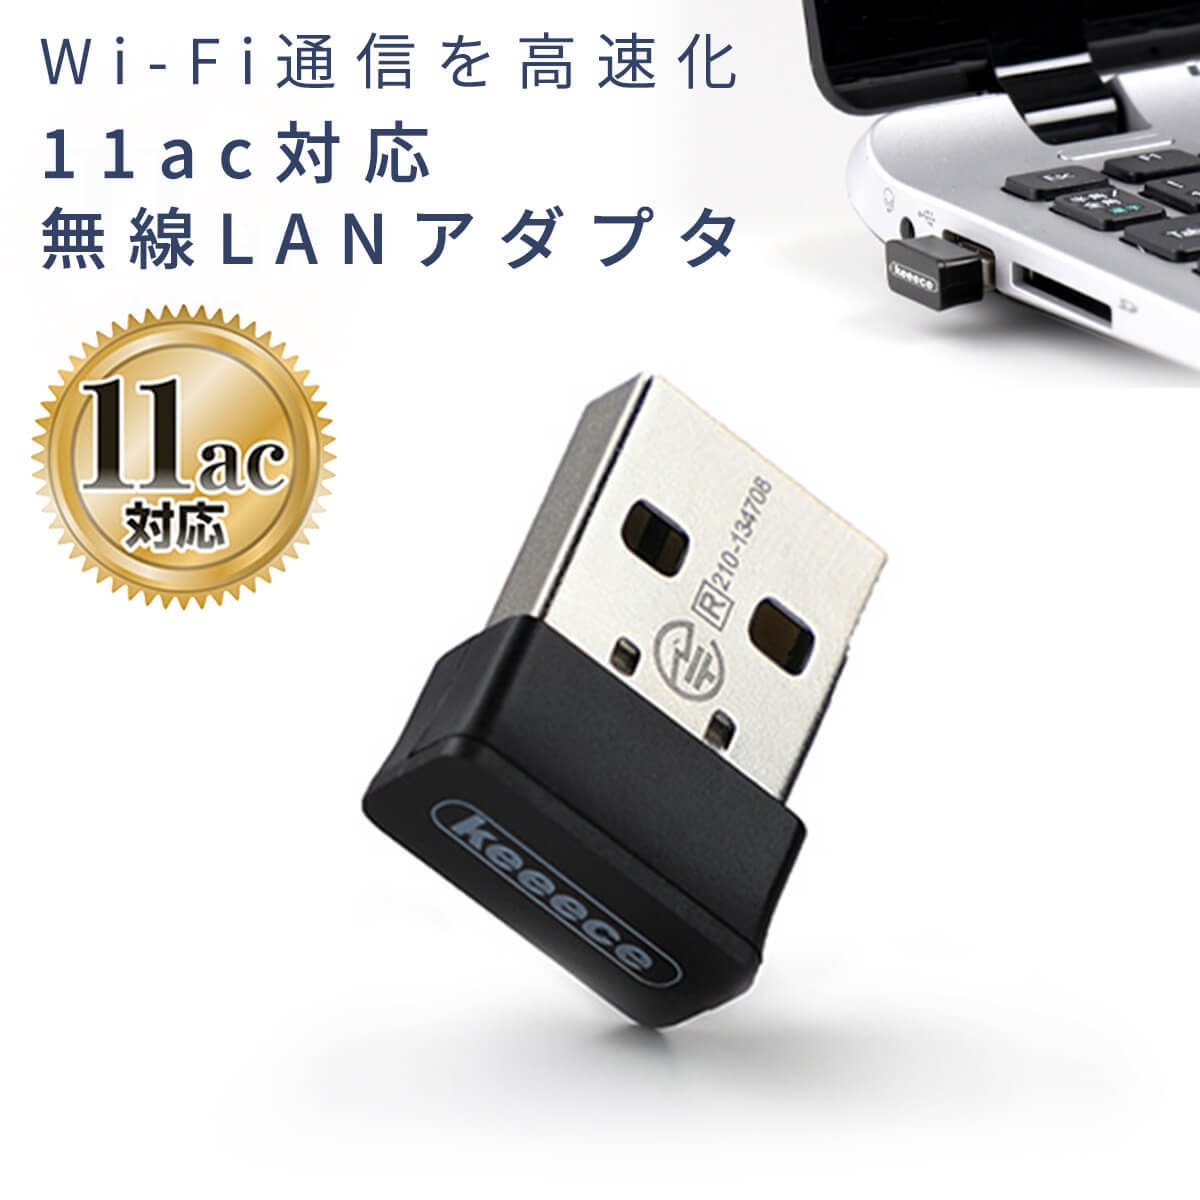 在宅ワーク 在宅 勤務 テレワーク 送料無料 スーパーセールsale 無線LANアダプター 11ac 対応 高速通信 WIFIアダプター Wi-Fi ギフト ラッピング MU-MIMO コンパクト 3R-KCWLAN04 敬老の日 ミニ 売り込み プレゼント 在庫一掃